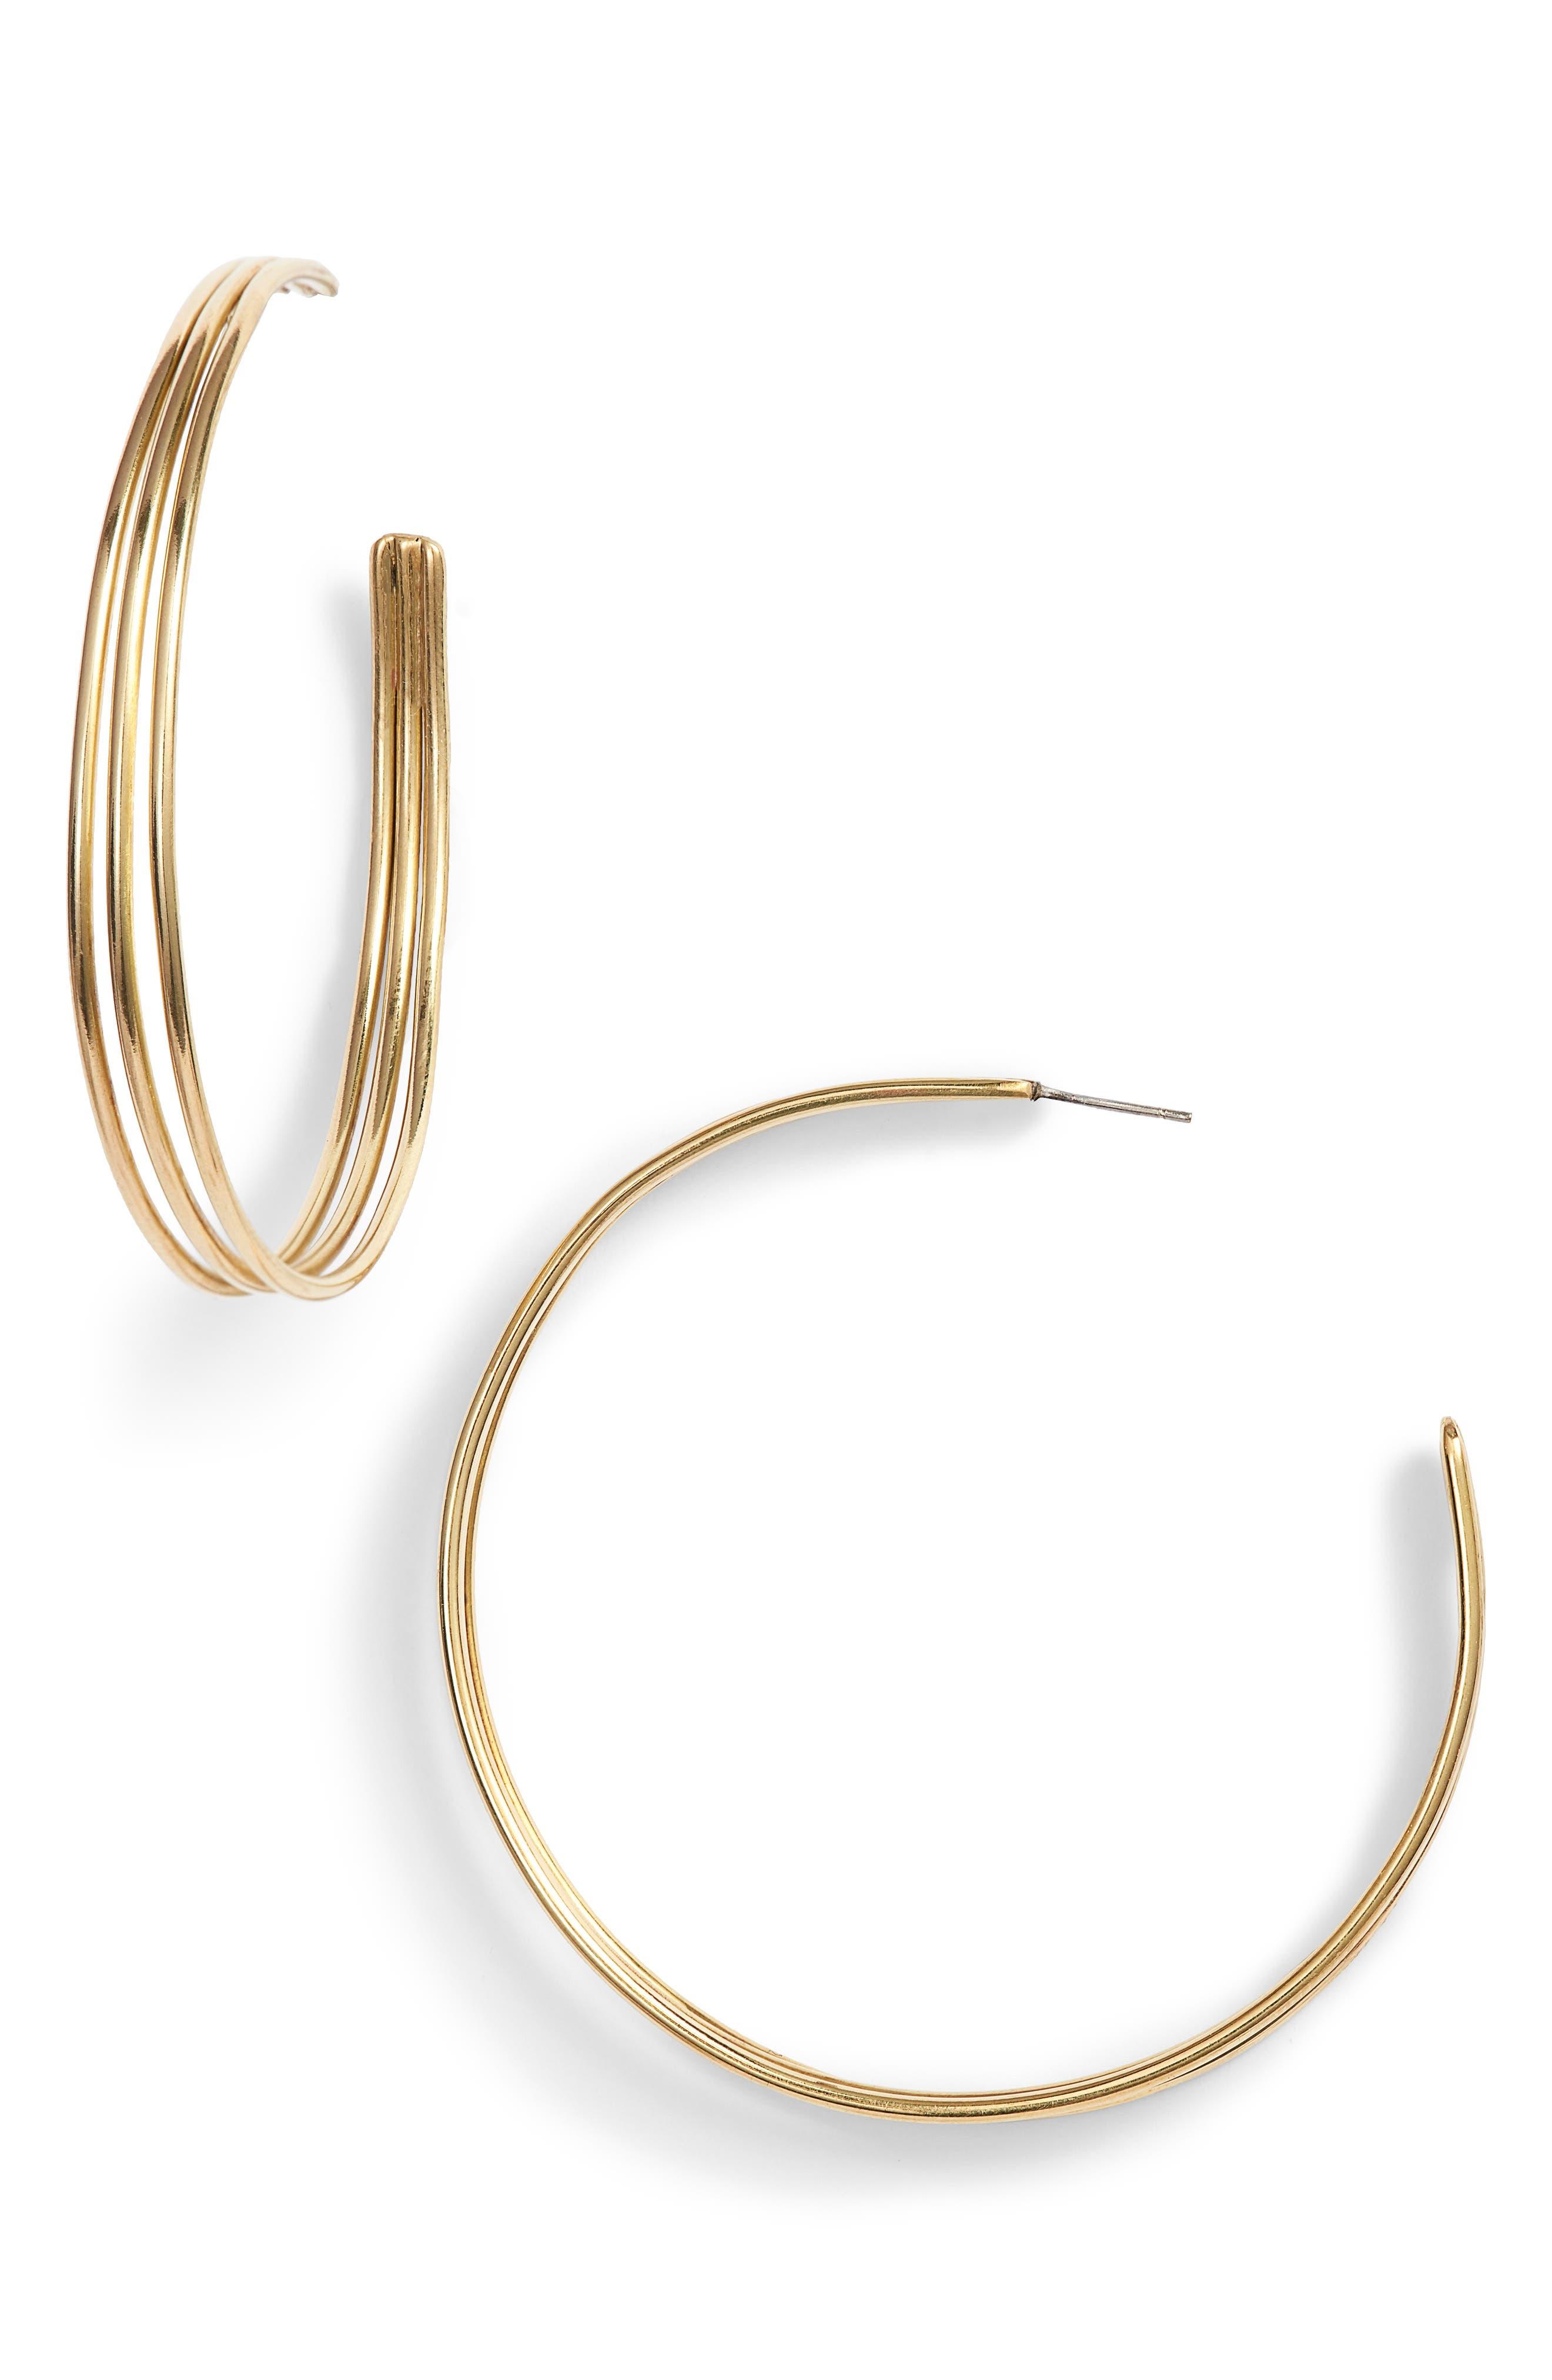 Maxi Triple Hoop Earrings,                             Main thumbnail 1, color,                             710